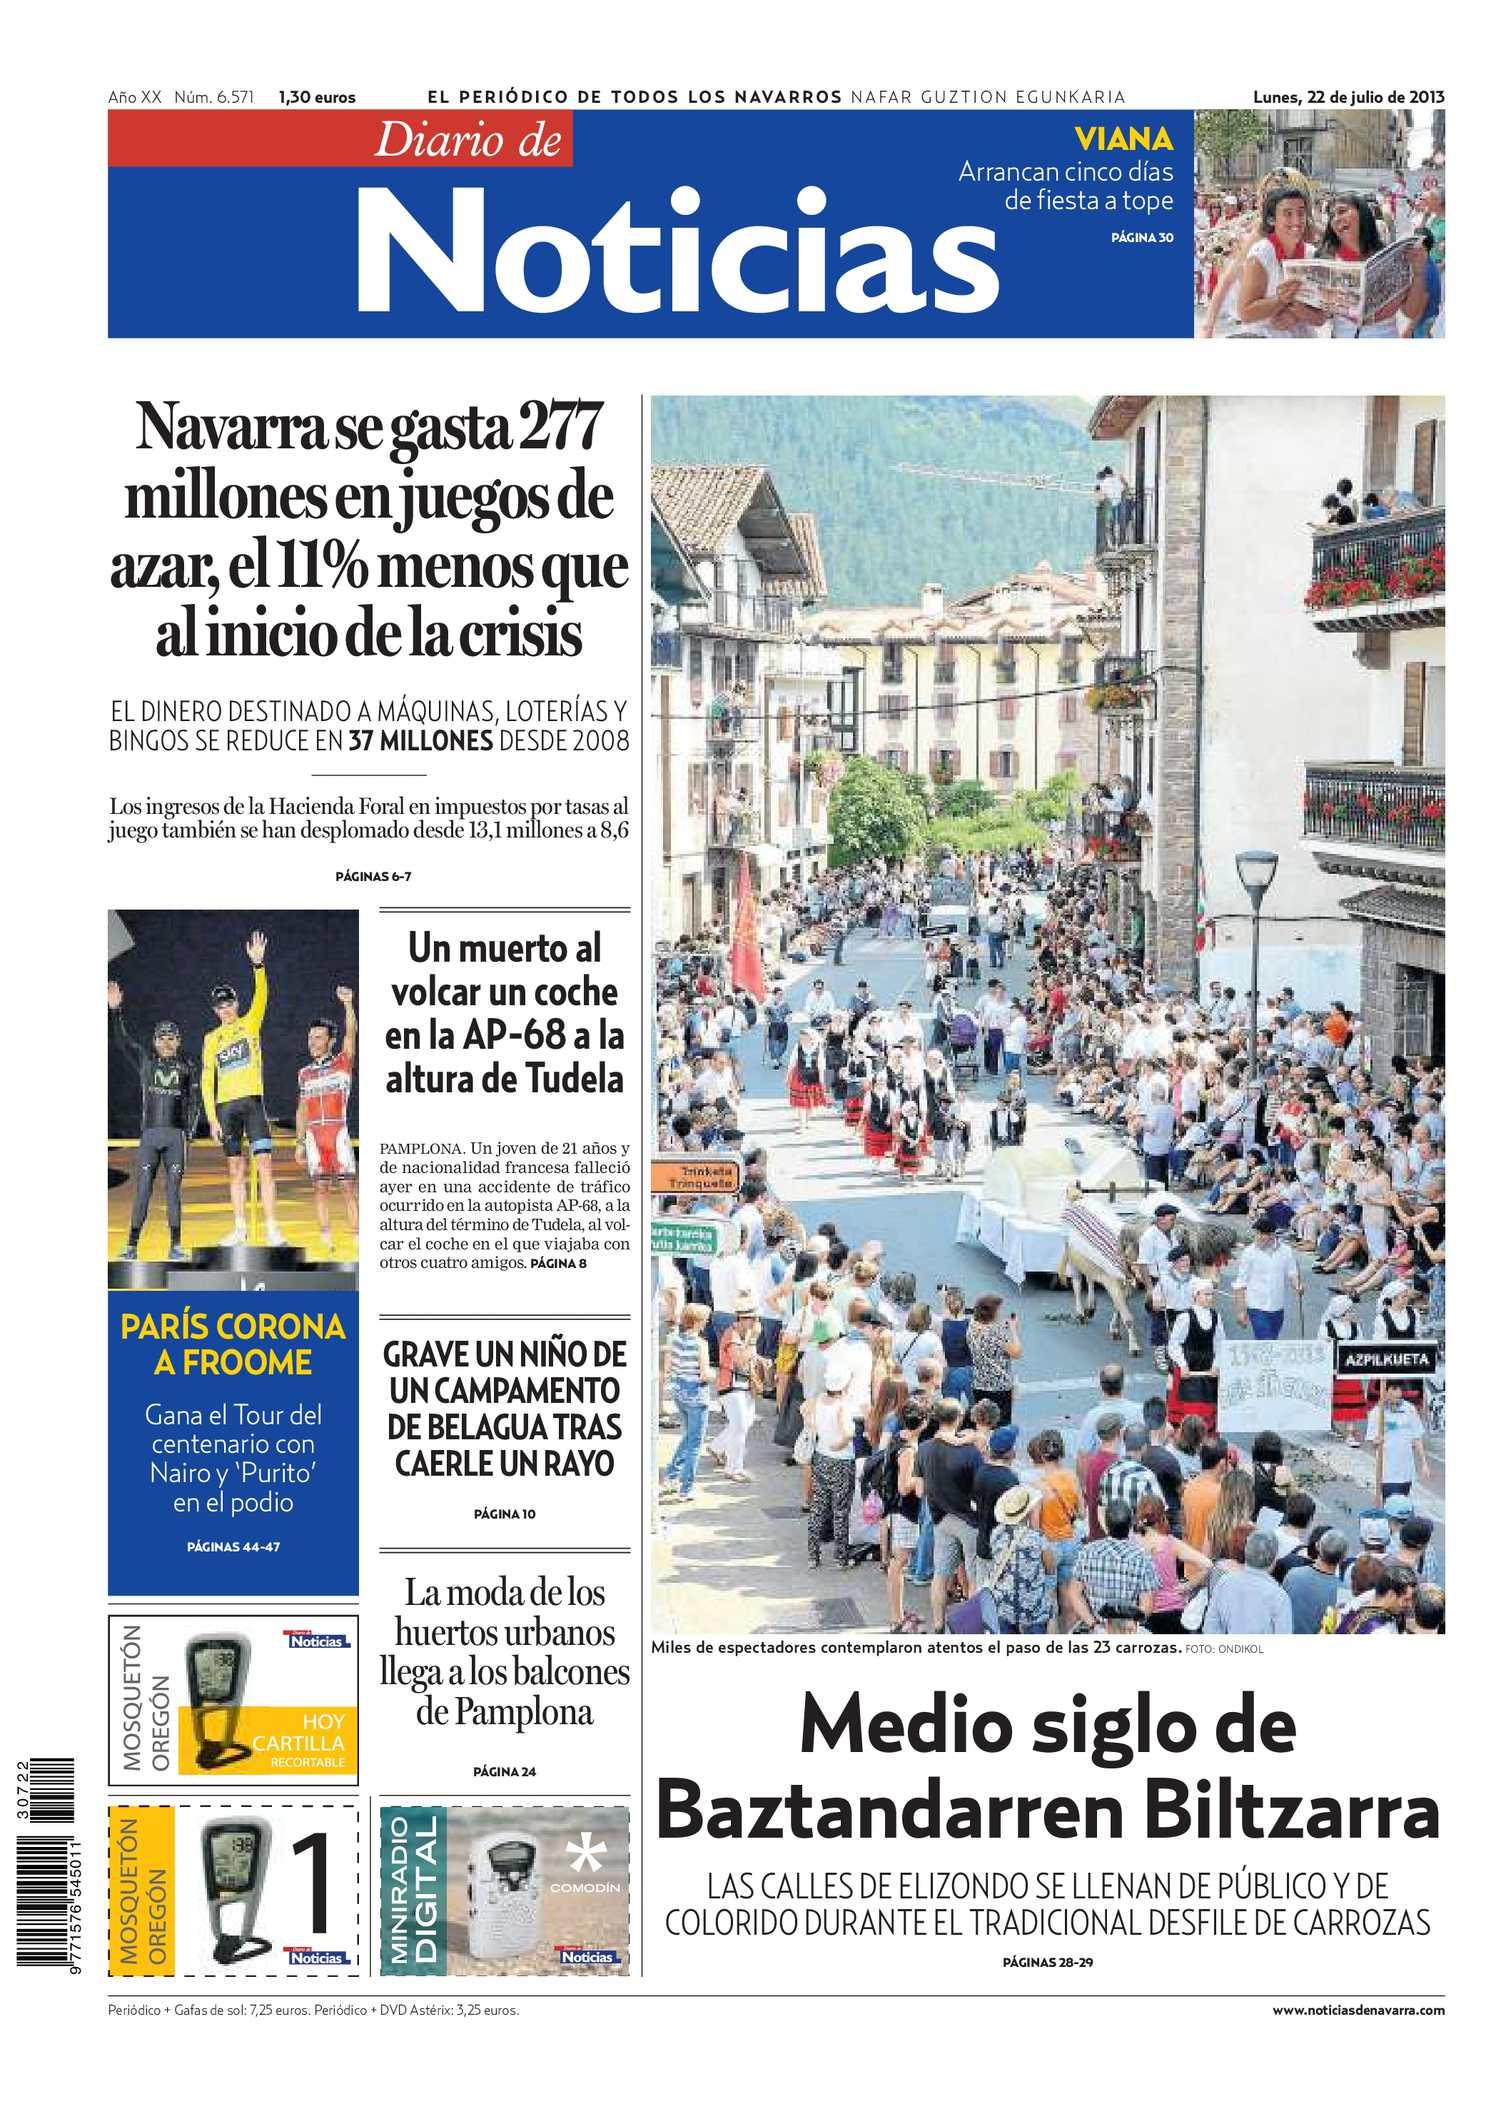 Calaméo - Diario de Noticias 20130722